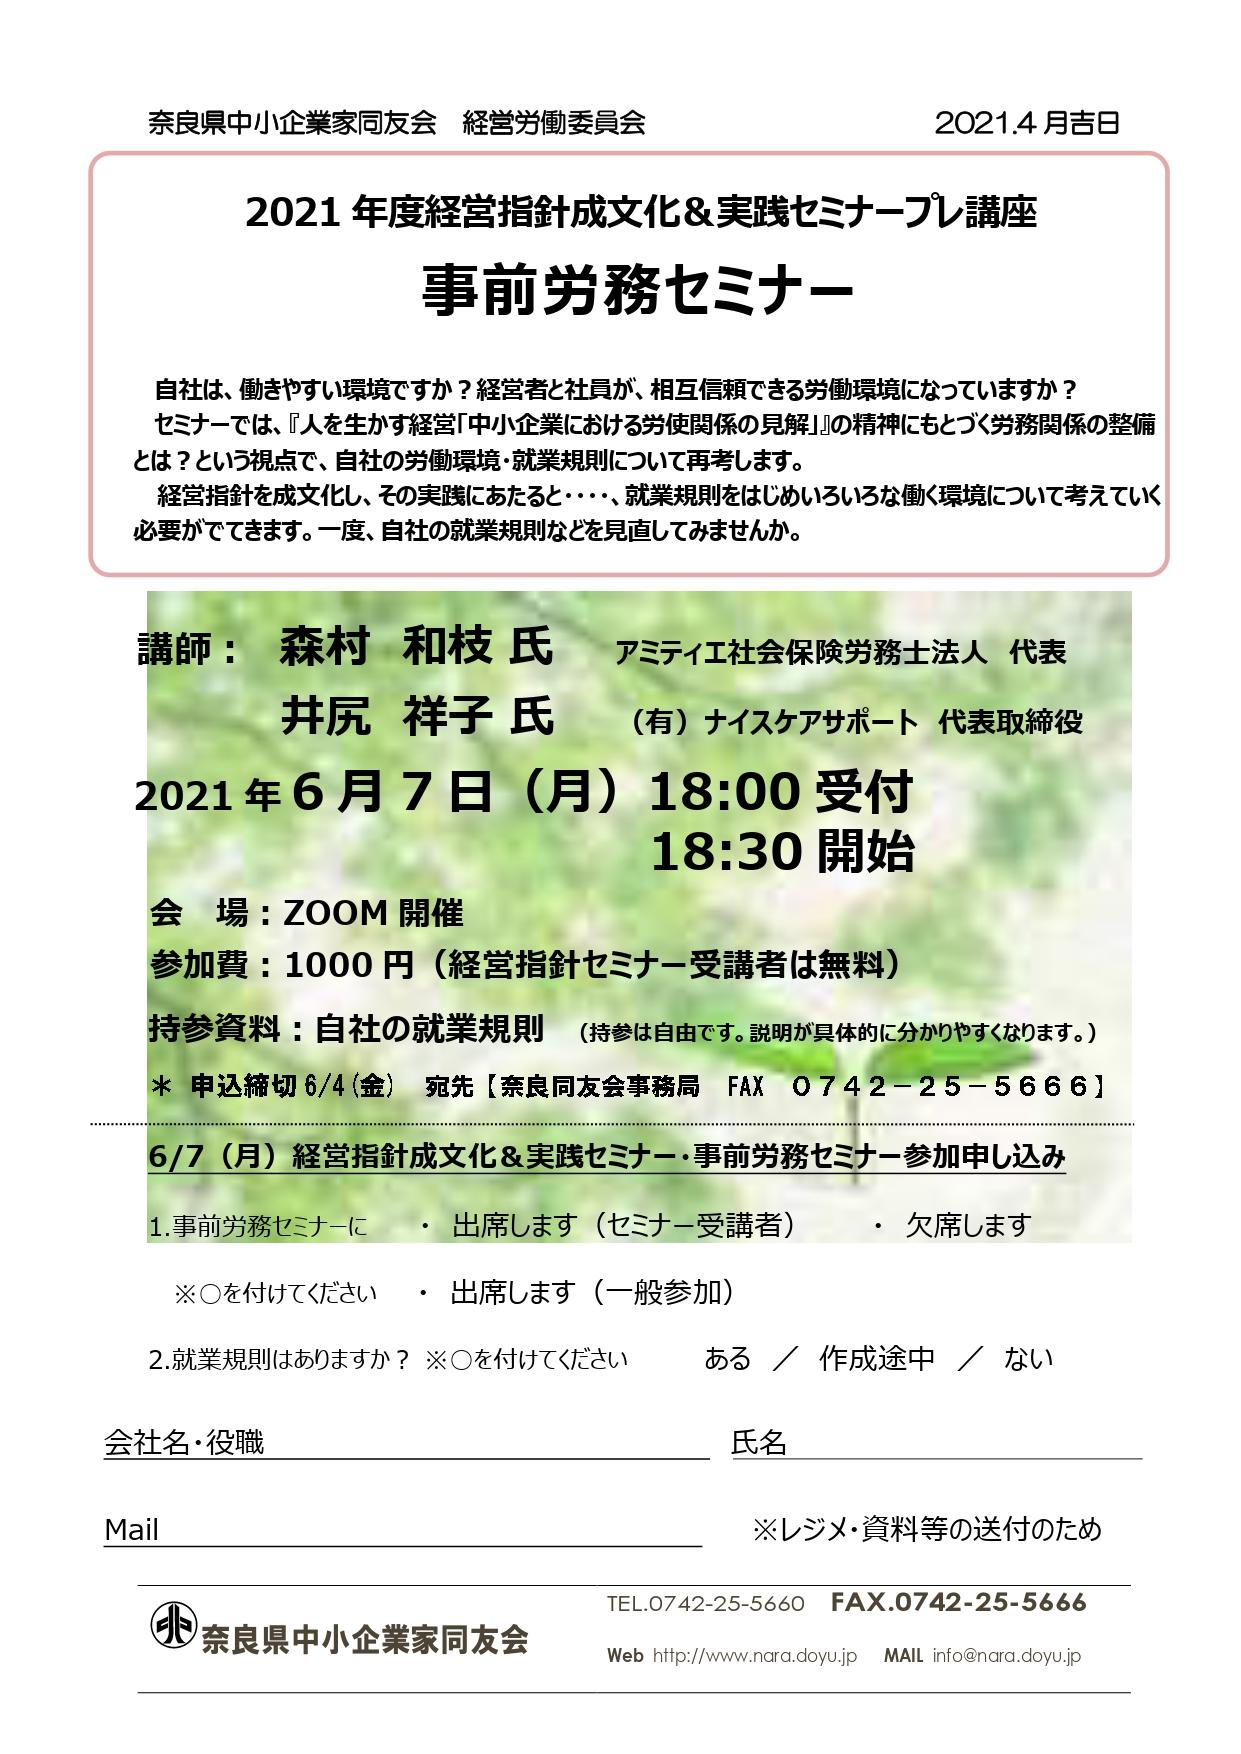 2021年6月 事前労務セミナー(指針セミナープレ講座)